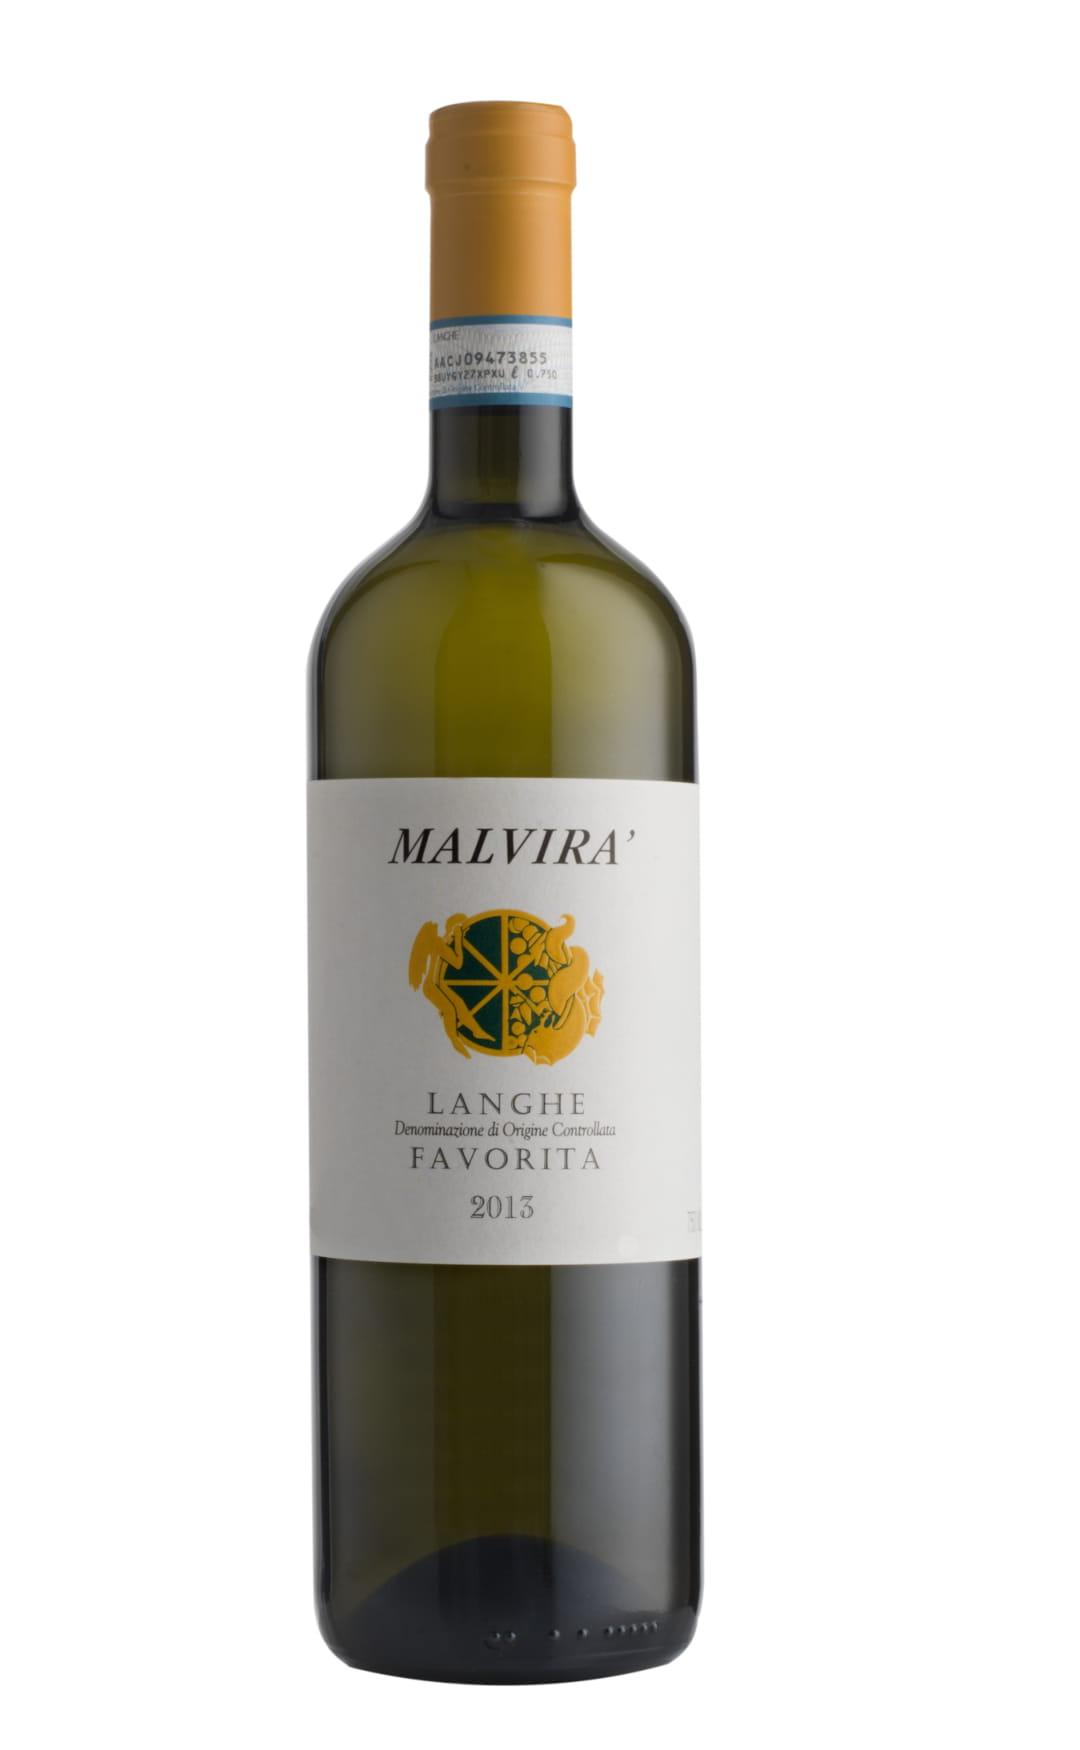 MALVIRA' LANGHE FAVORITA-1.jpg